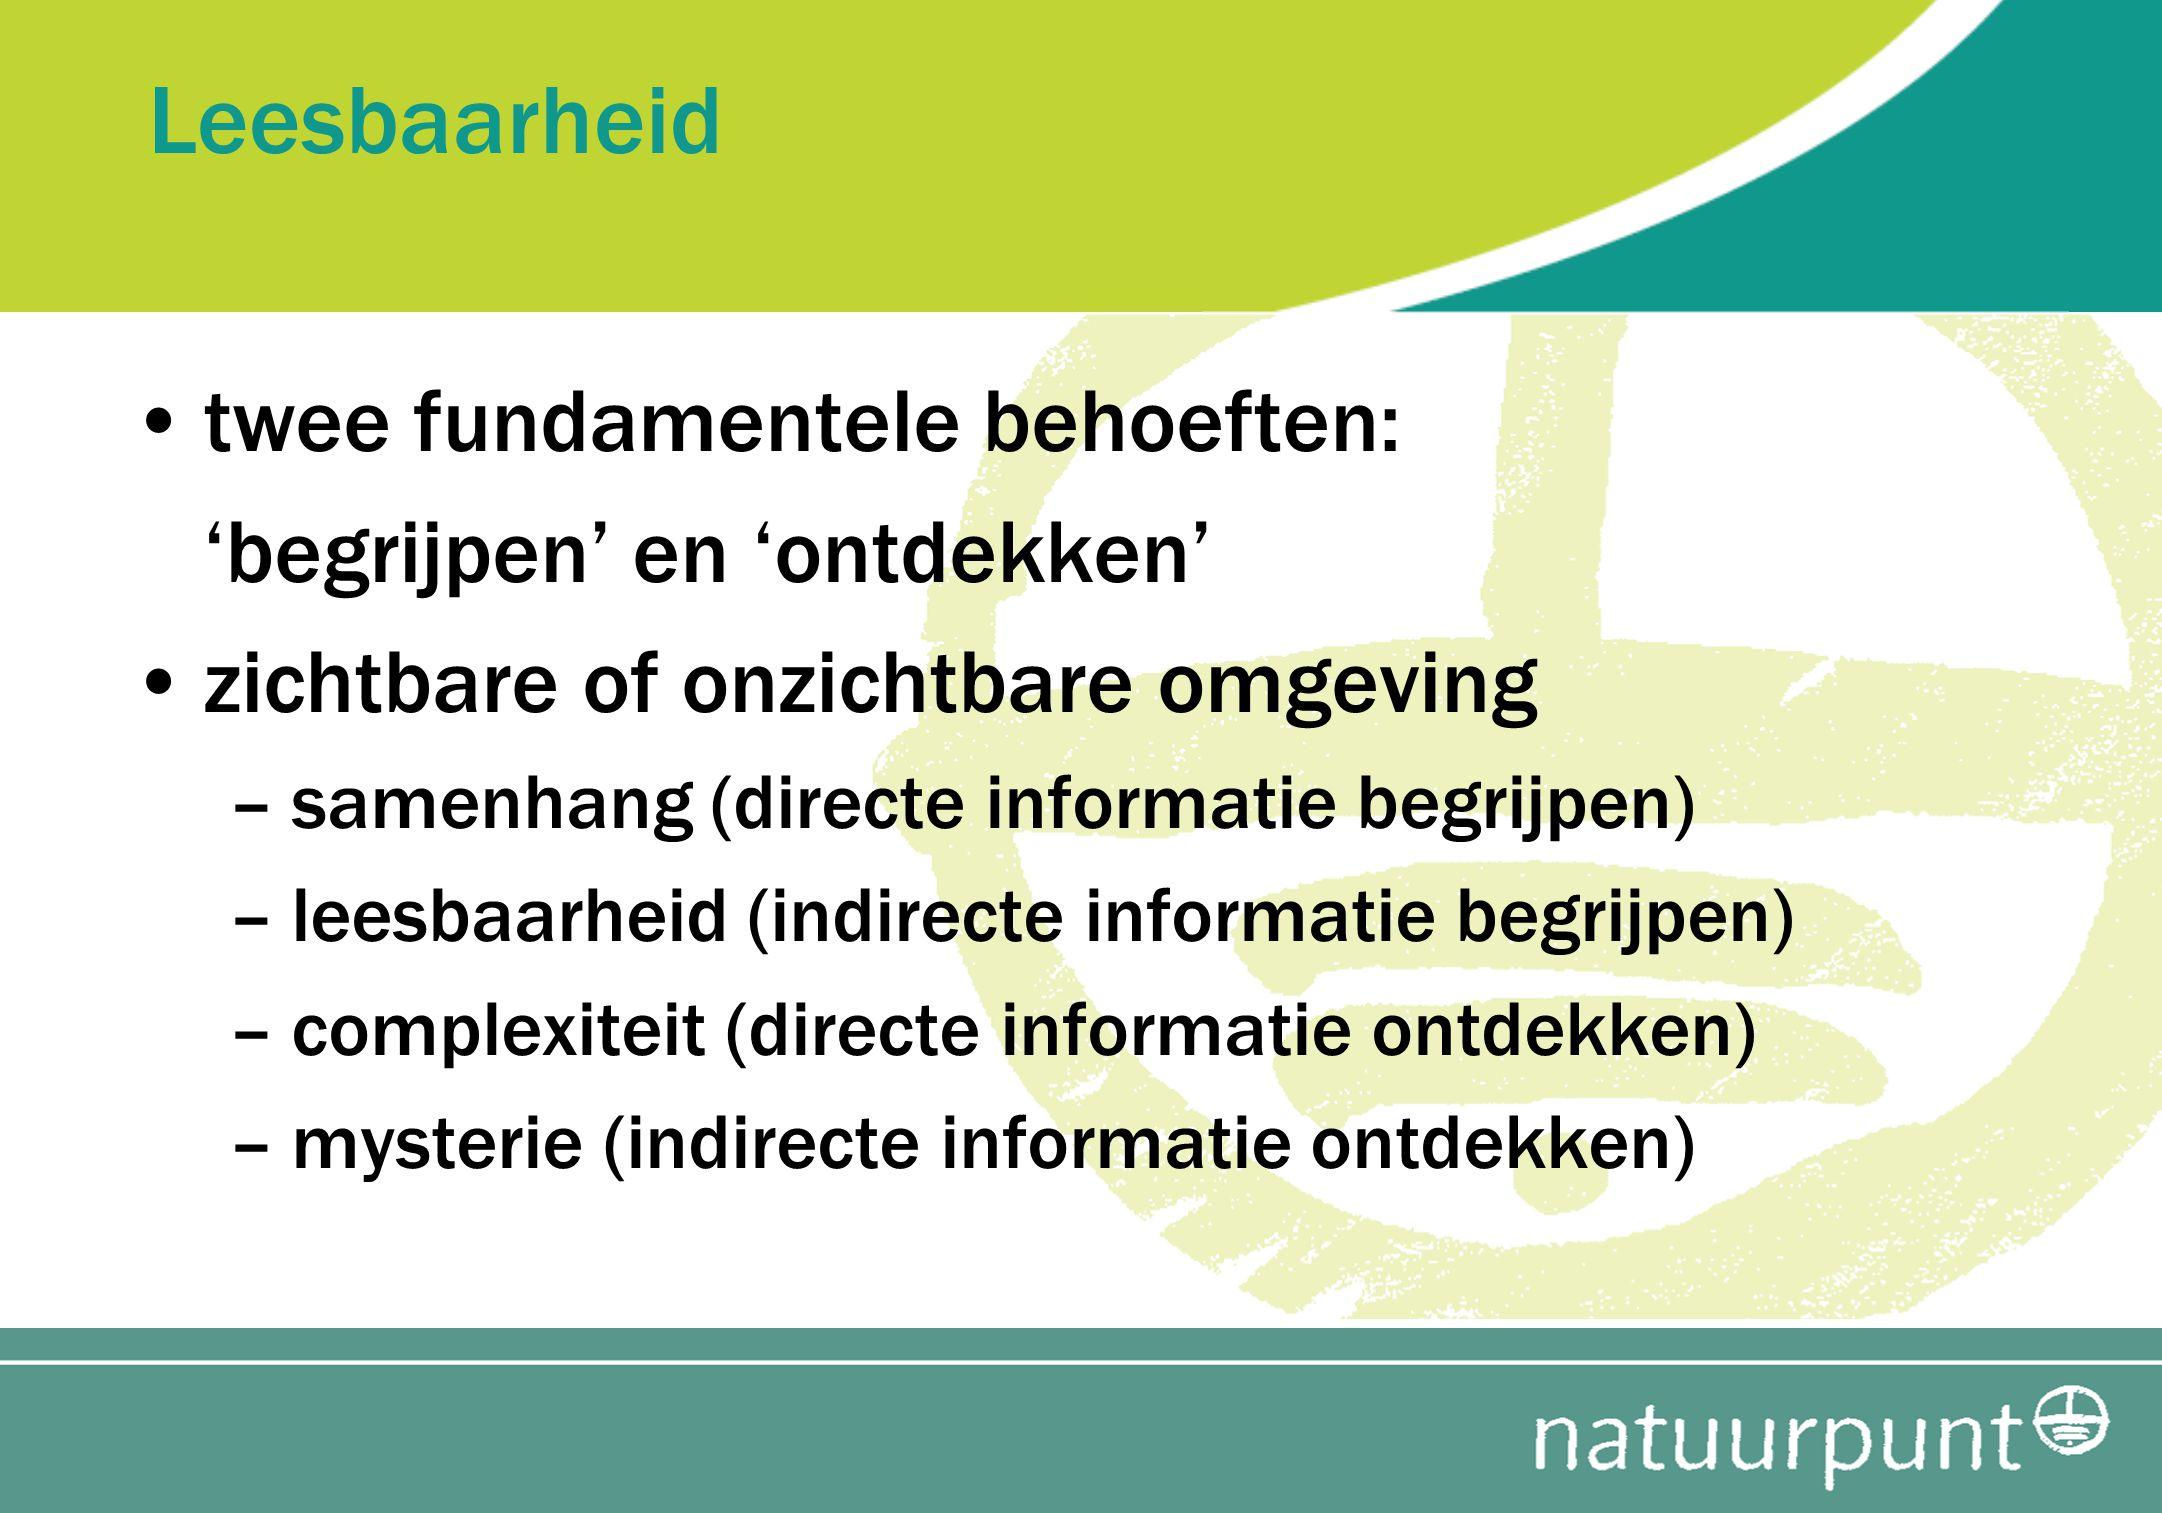 Leesbaarheid twee fundamentele behoeften: 'begrijpen' en 'ontdekken' zichtbare of onzichtbare omgeving –samenhang (directe informatie begrijpen) –lees